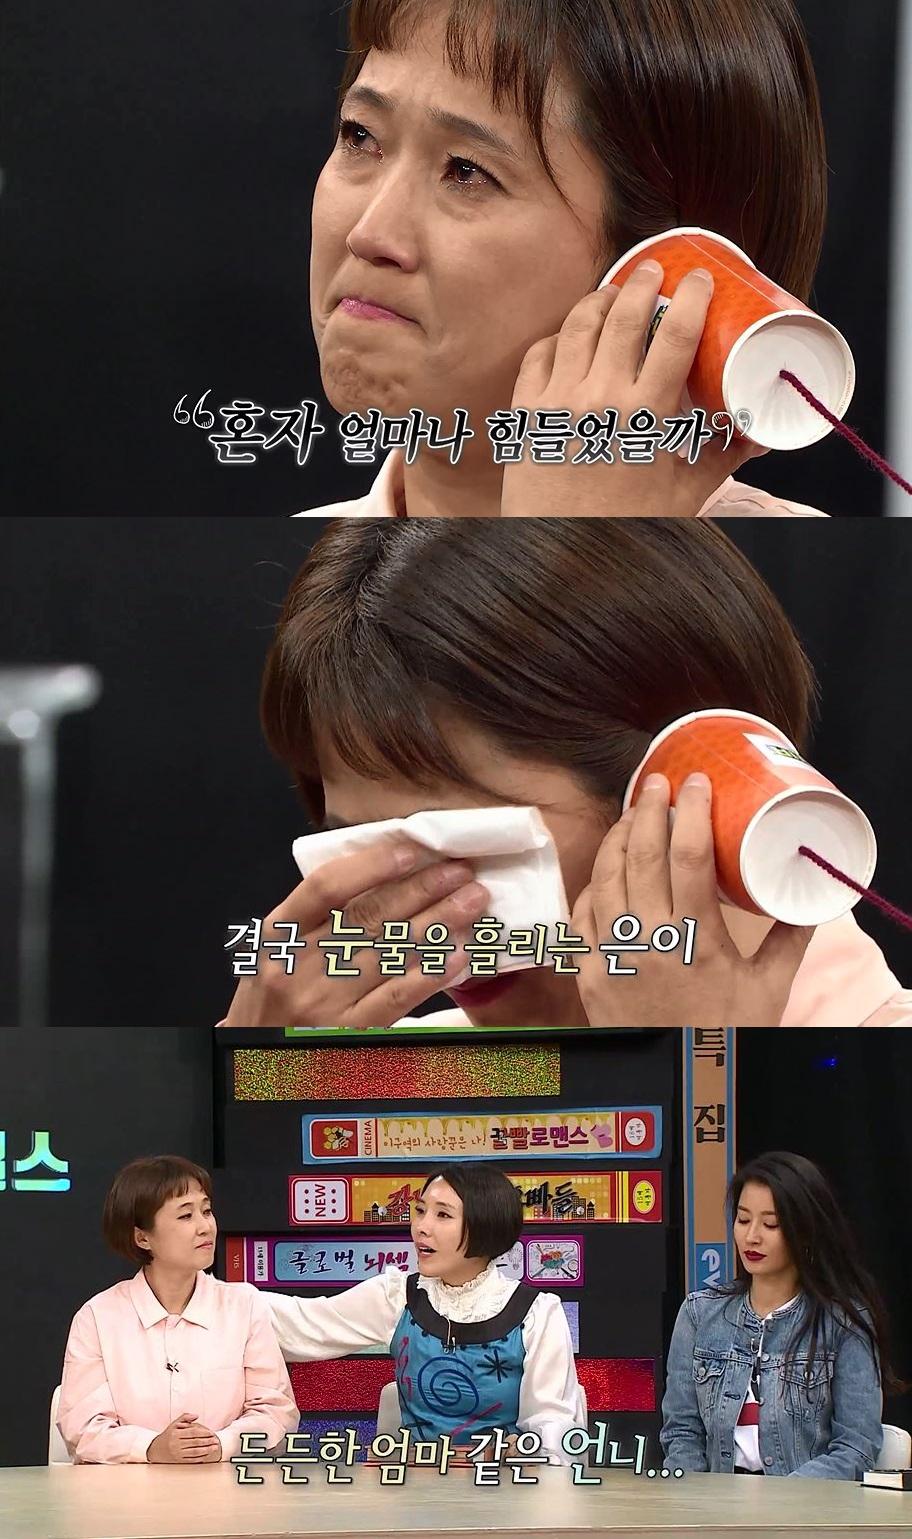 <비디오스타> 송은이, <무한걸스> 속 이야기에 방송 최초 '폭풍 오열'